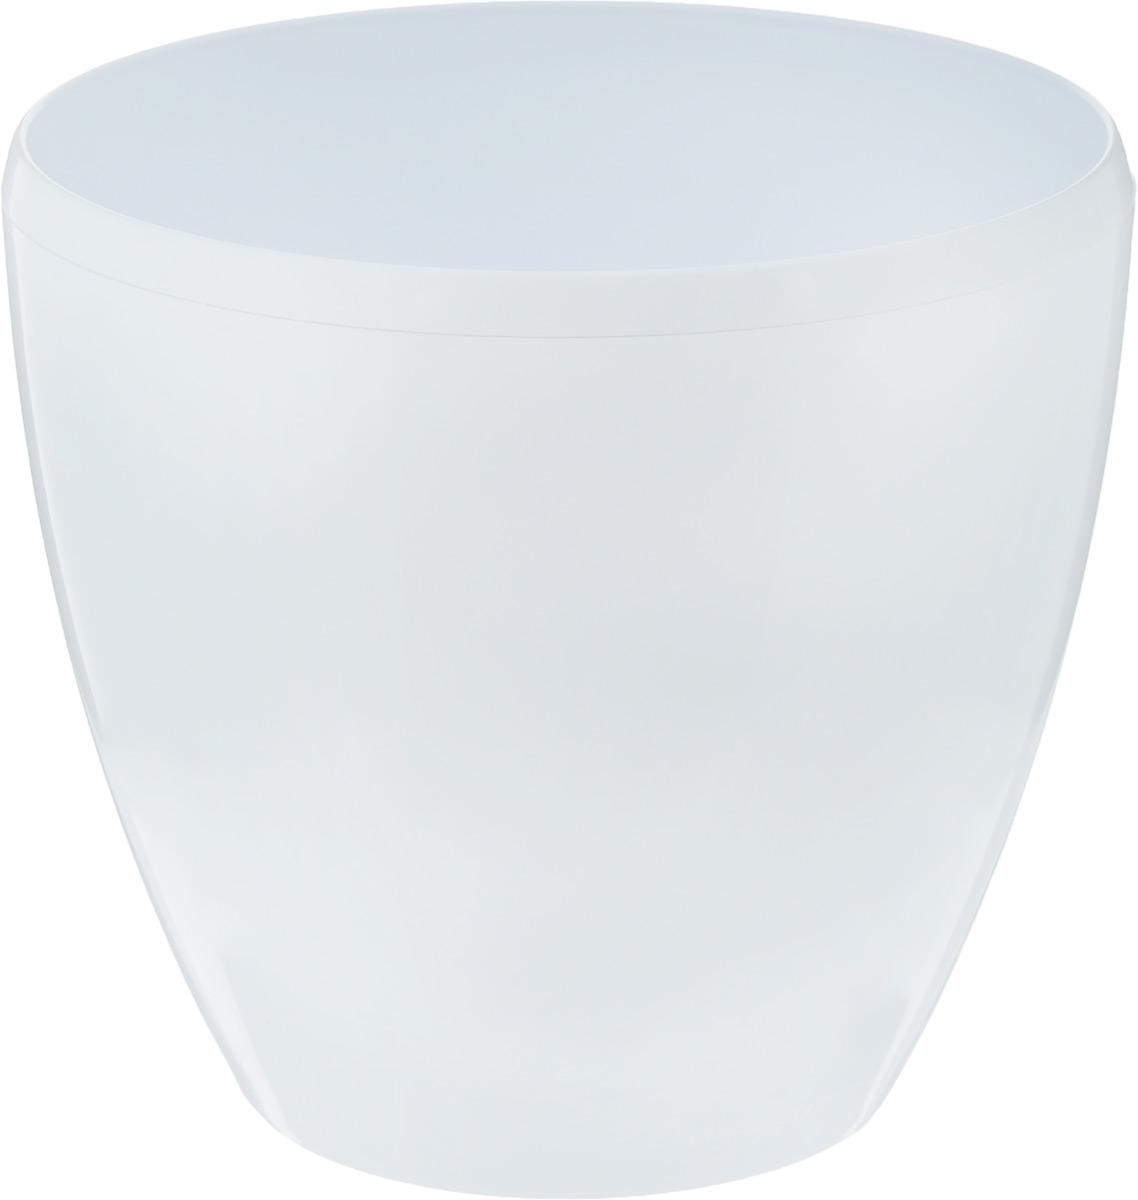 Горшок цветочный Santino Deco Twin, с системой автополива, цвет: белый, 4 л холодильник samsung rs4000 с двухконтурной системой twin cooling 569 л